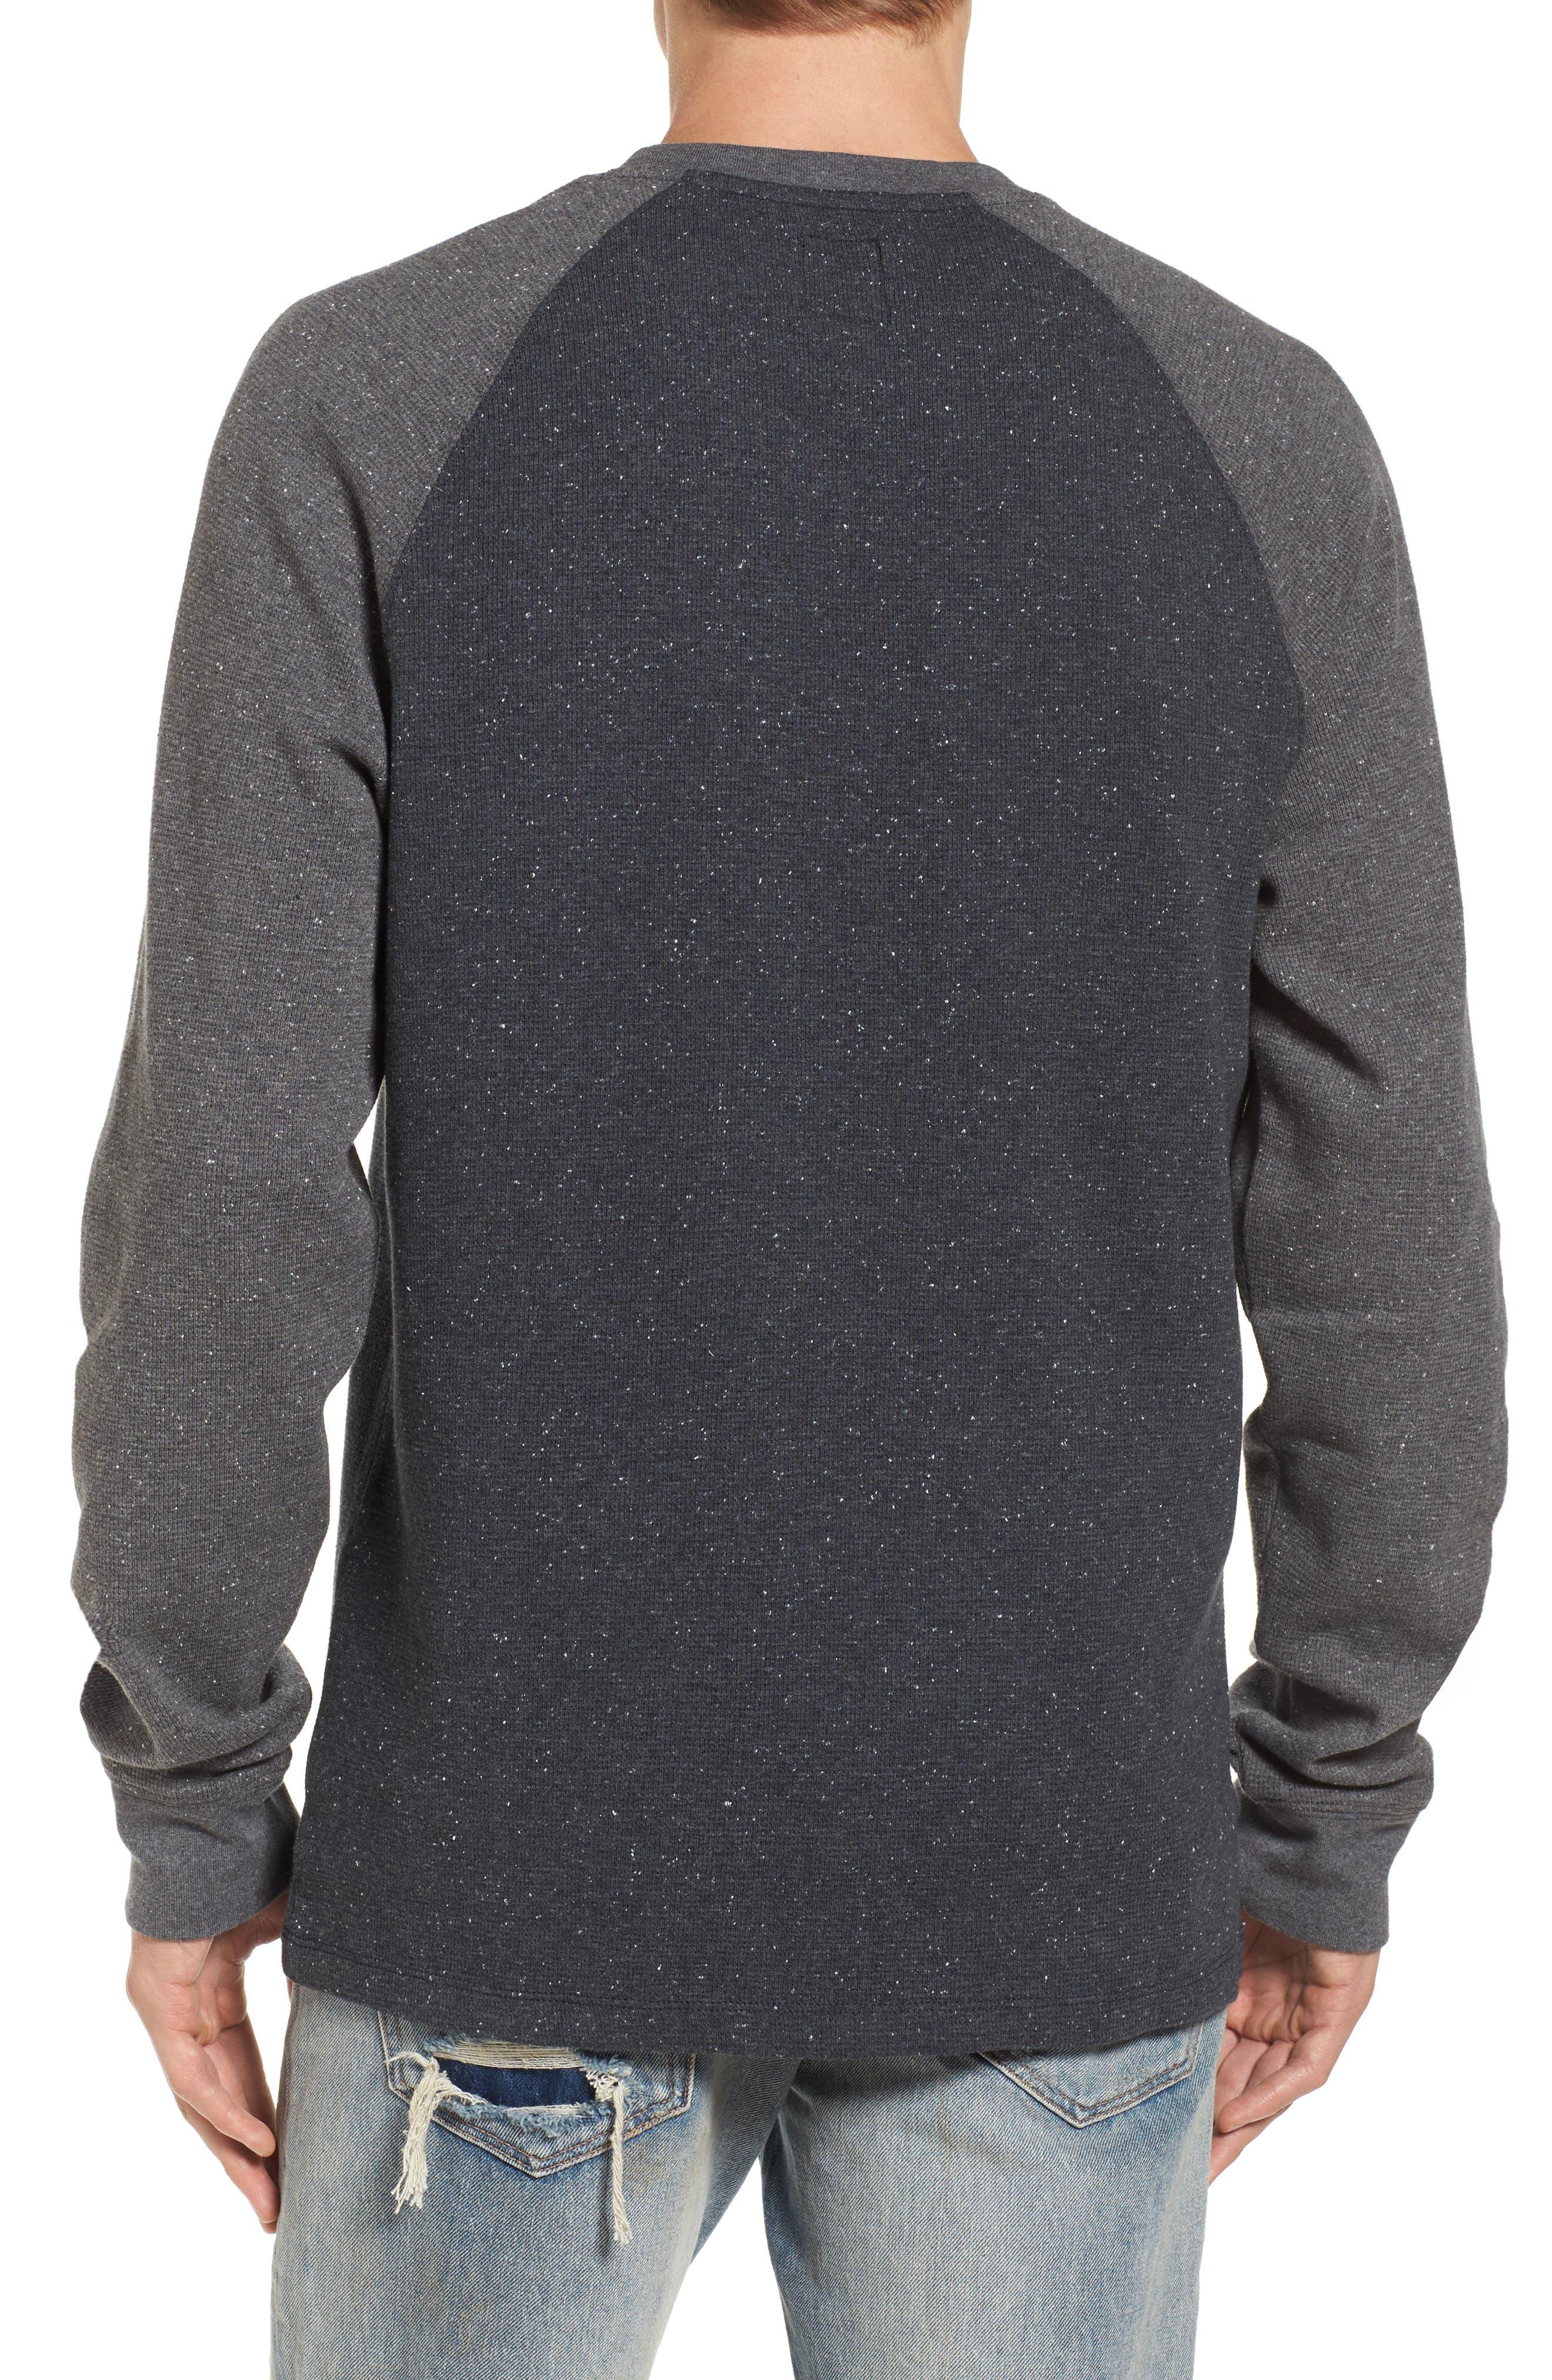 Alternate Image 2  - Vans Burdett Thermal T-Shirt